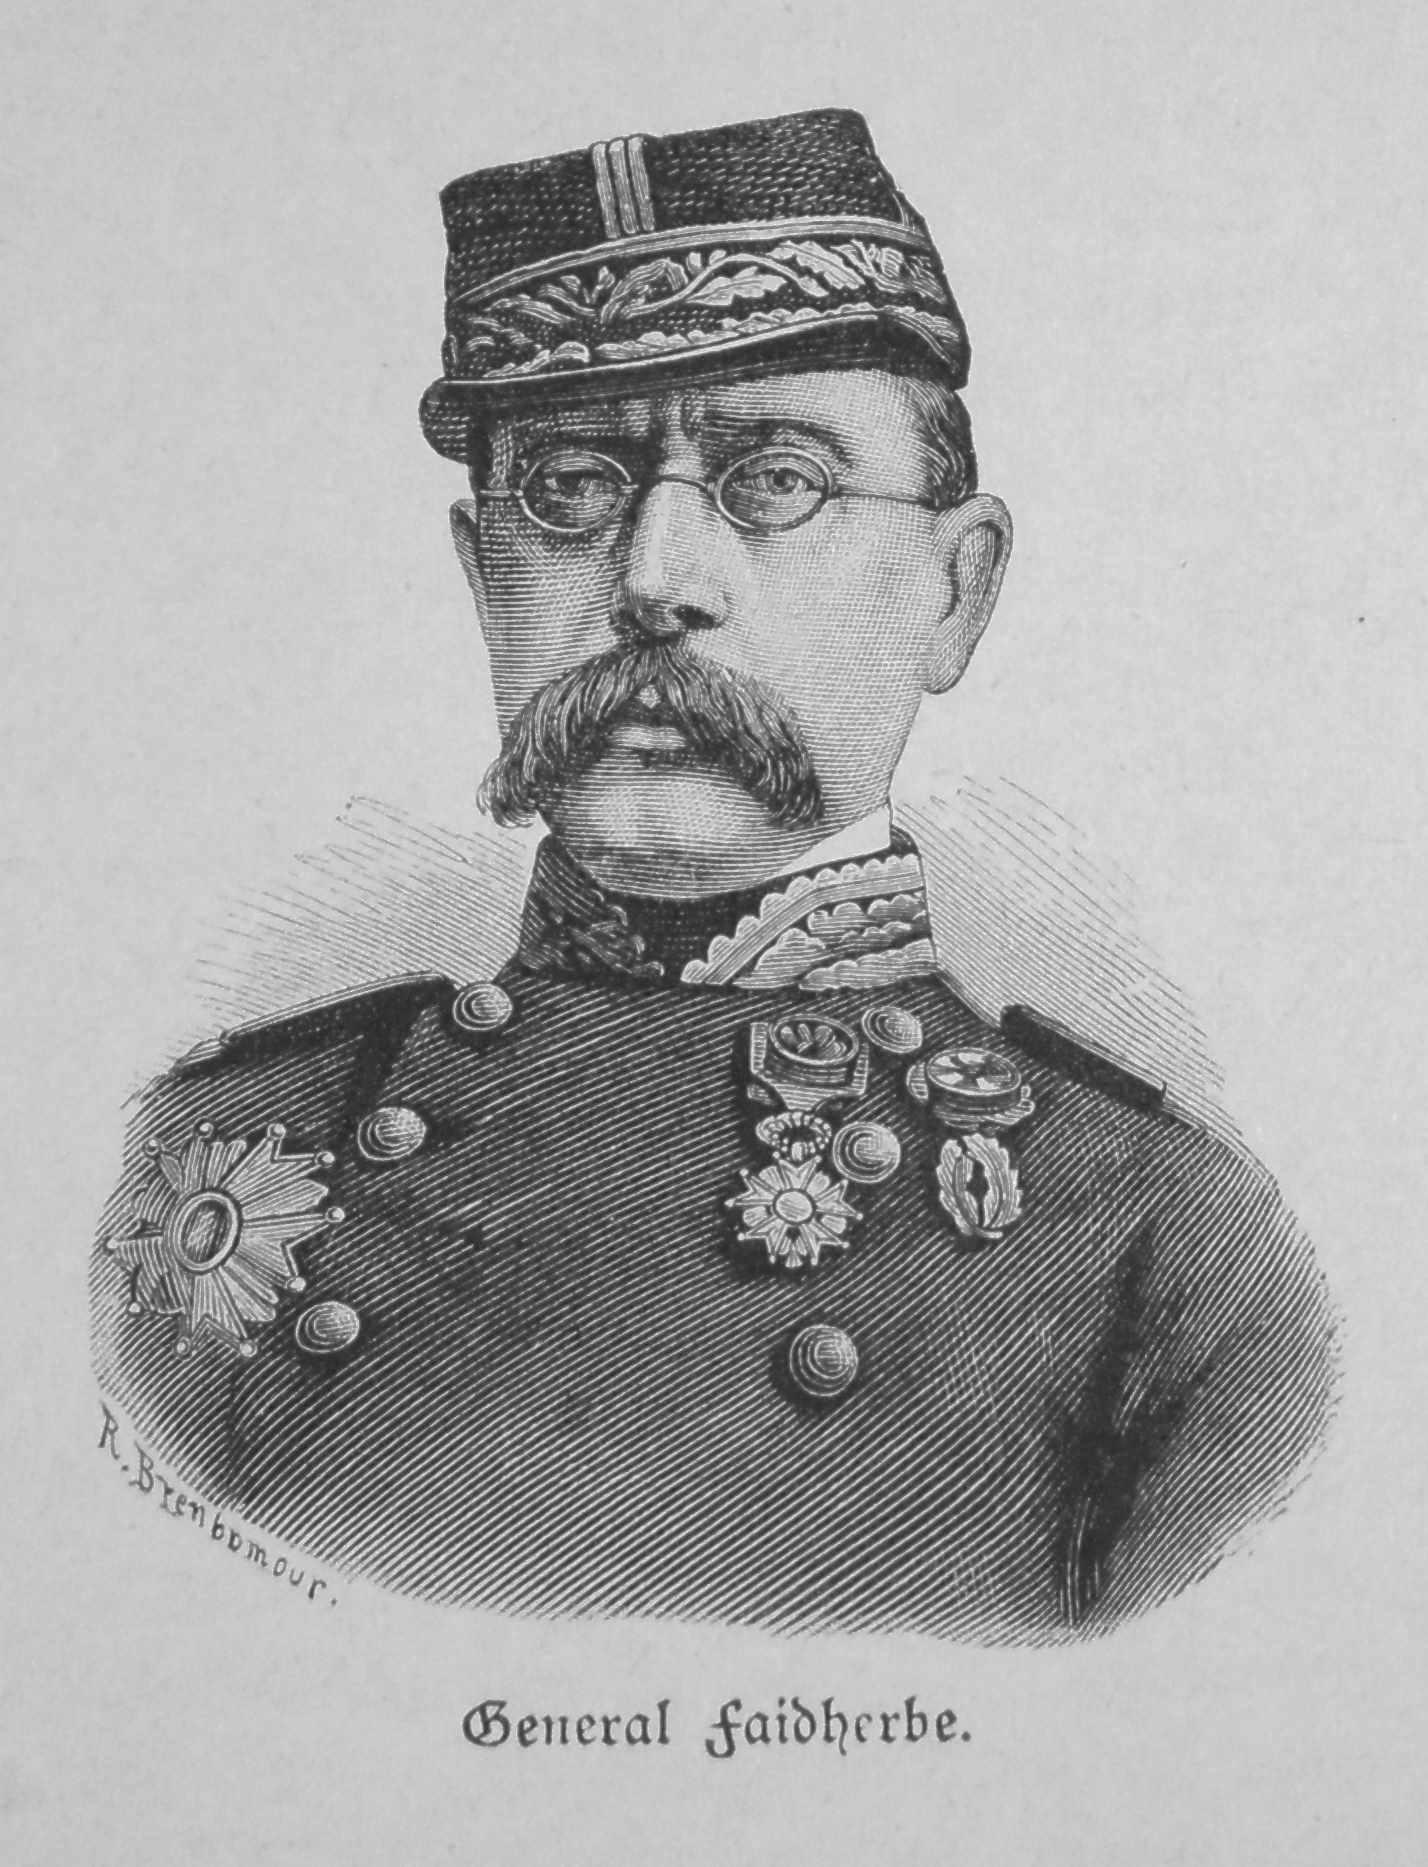 File:General Faidherbe.jpg